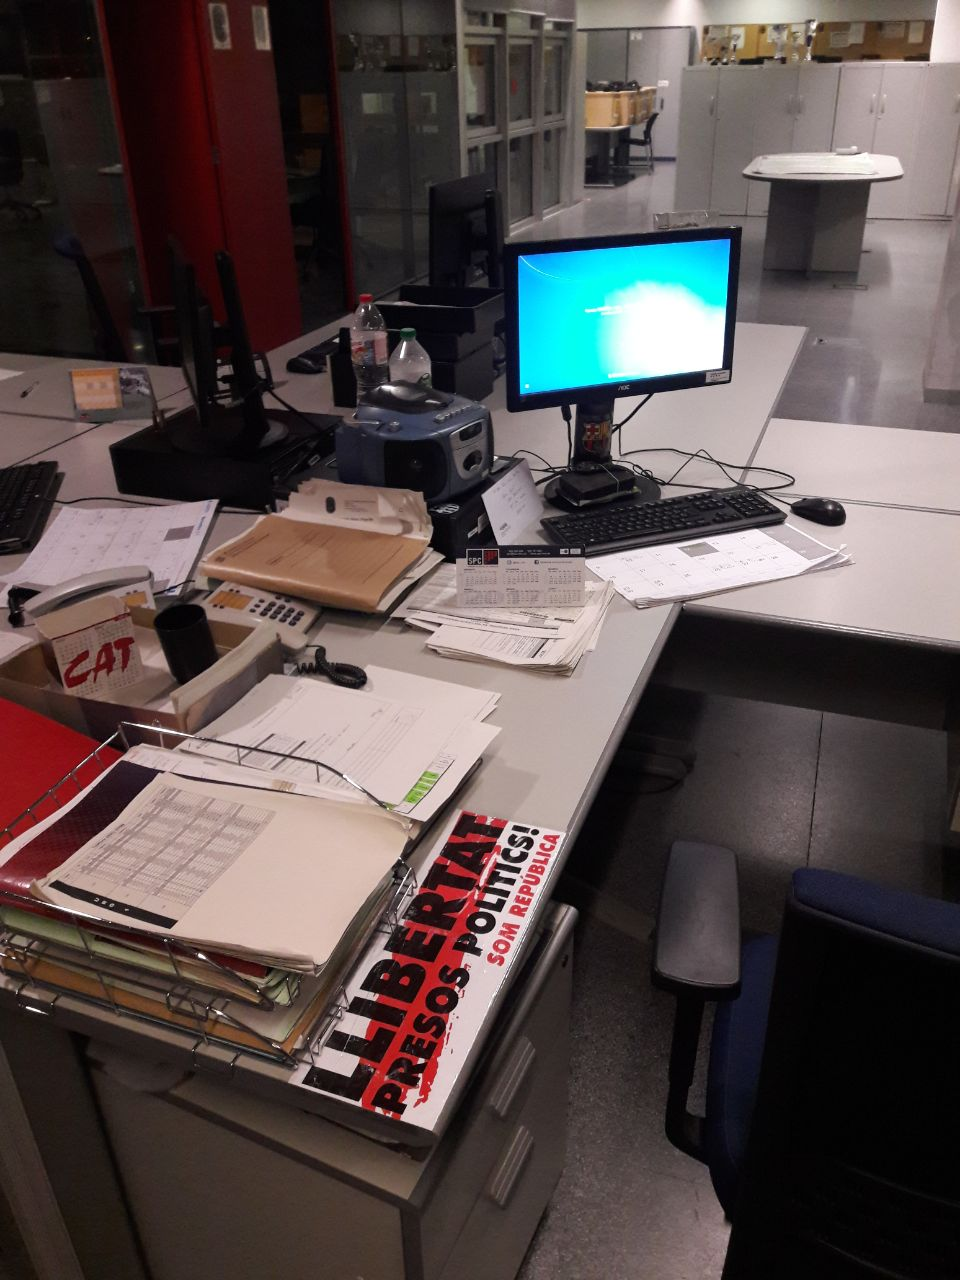 Filtran imagen del despacho del Caporal separatista de los Mozos enSan Andrés de la Barca